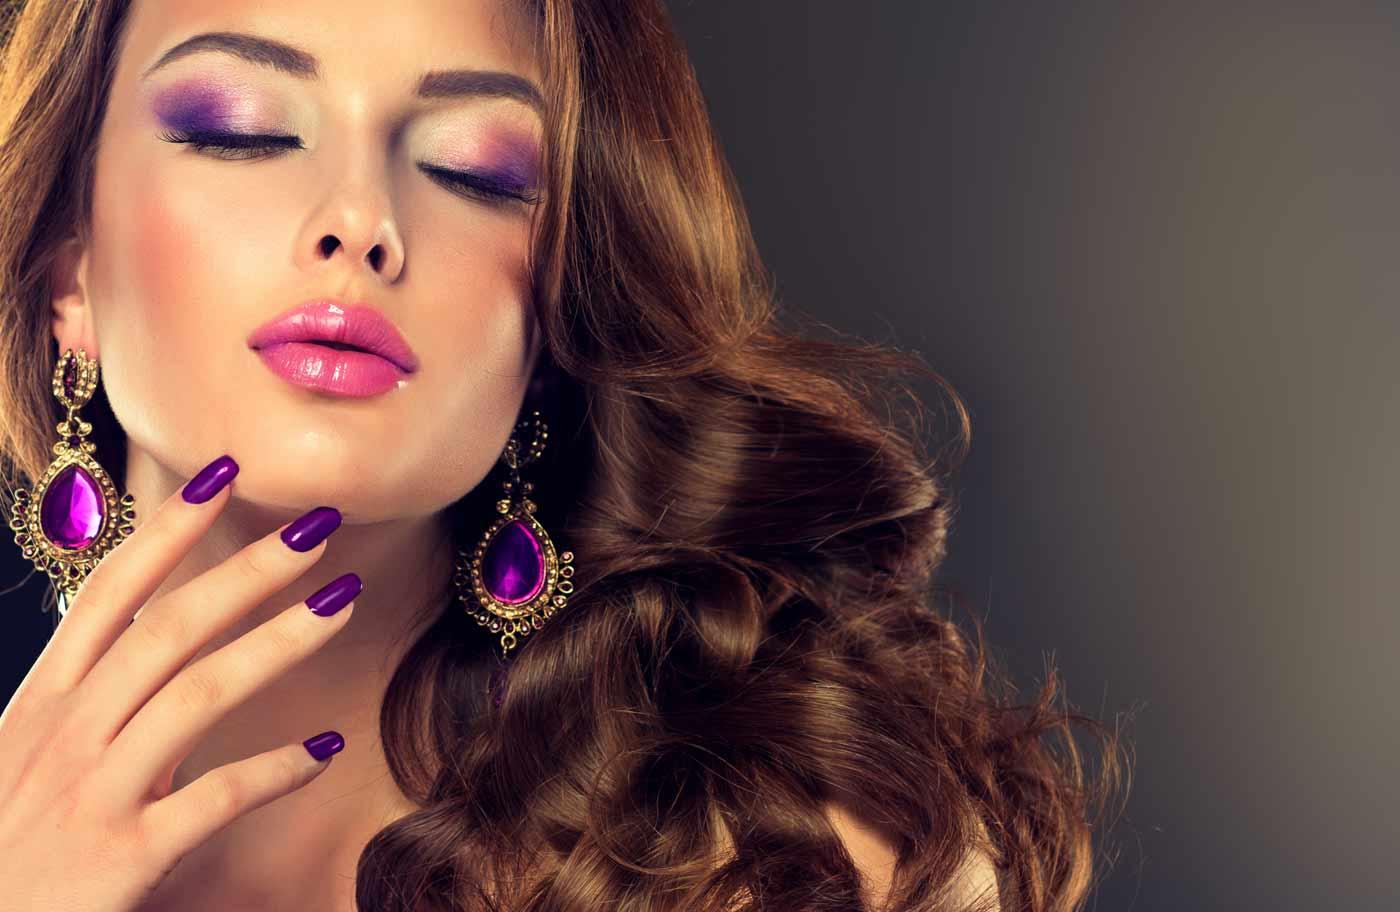 purpleslide